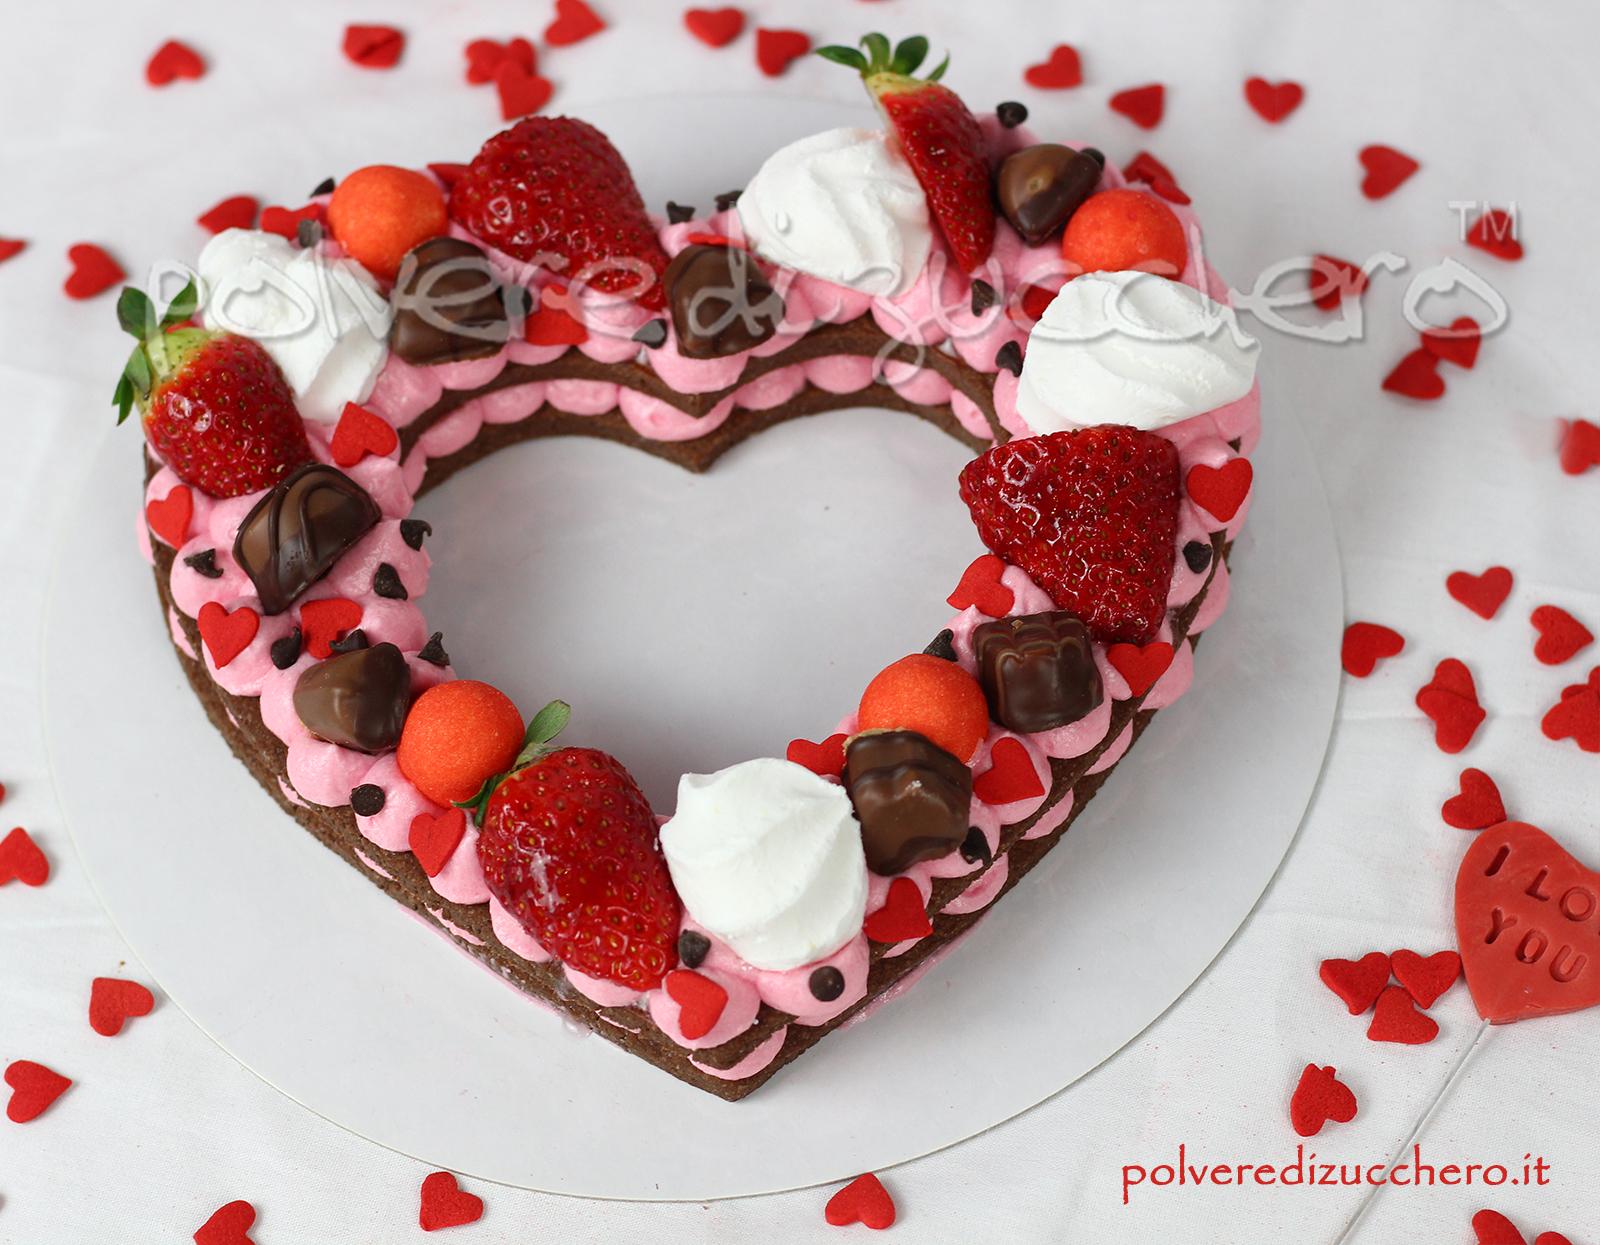 tutorial passo a passo torta a cuore cream tart ricetta pasta sablèe frosting creme cioccolato decorazione fragole cioccolatini